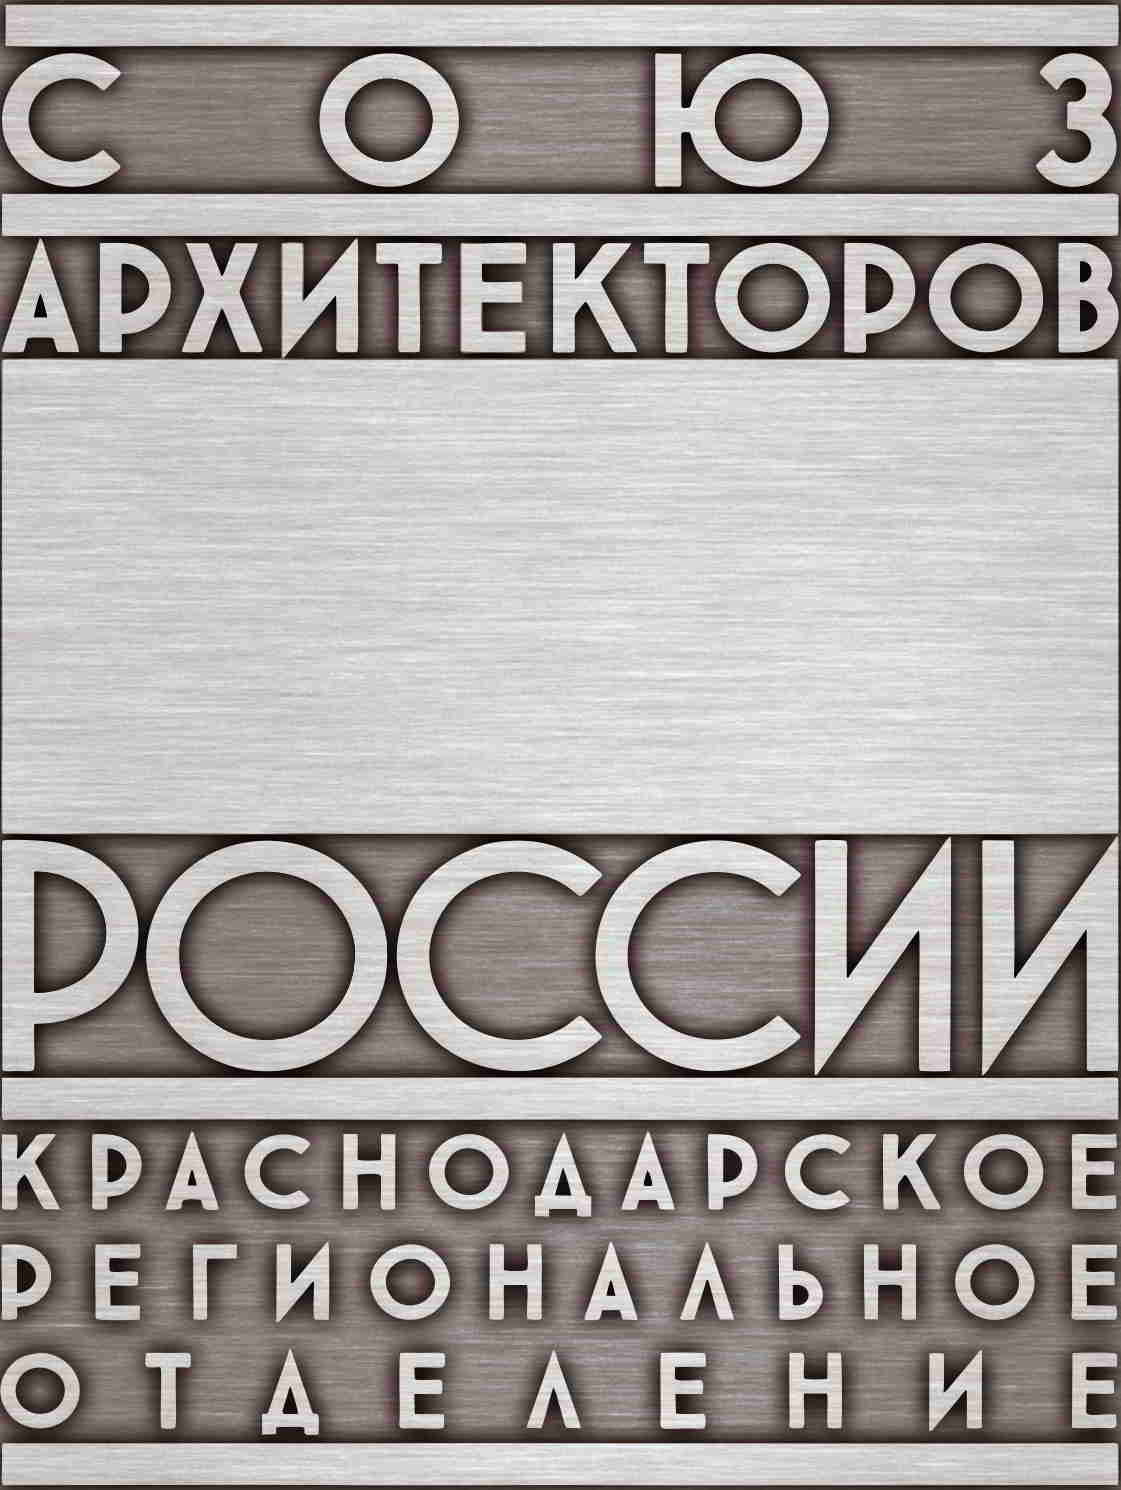 Краснодарское региональное отделение Союза архитекторов России